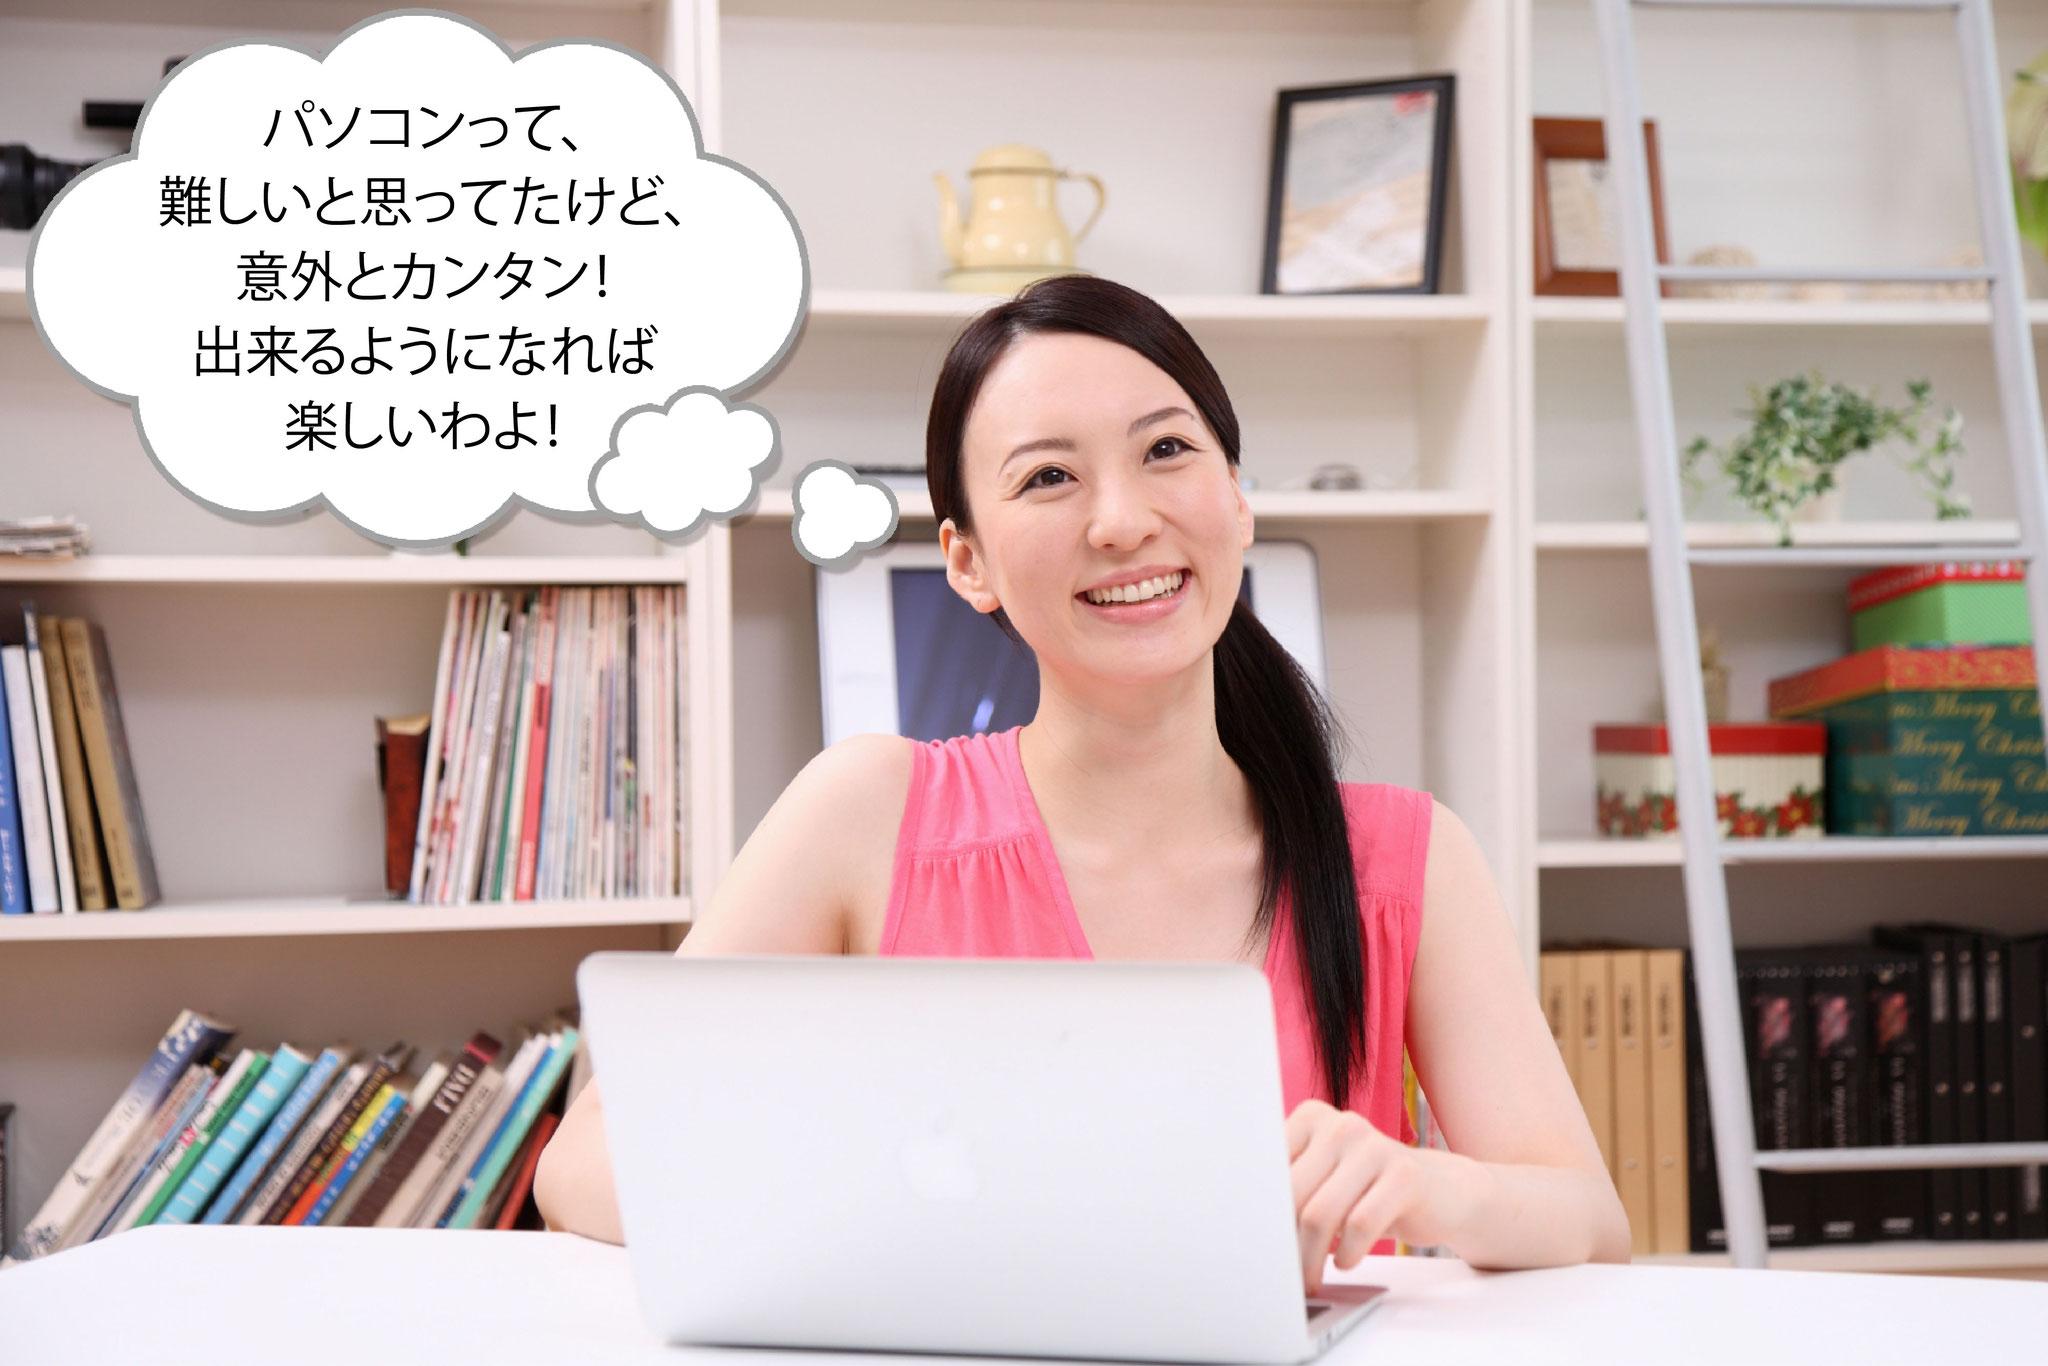 【パソコン基礎コース】  一番人気のパソコンの基礎をしっかり身につける基本講座です。